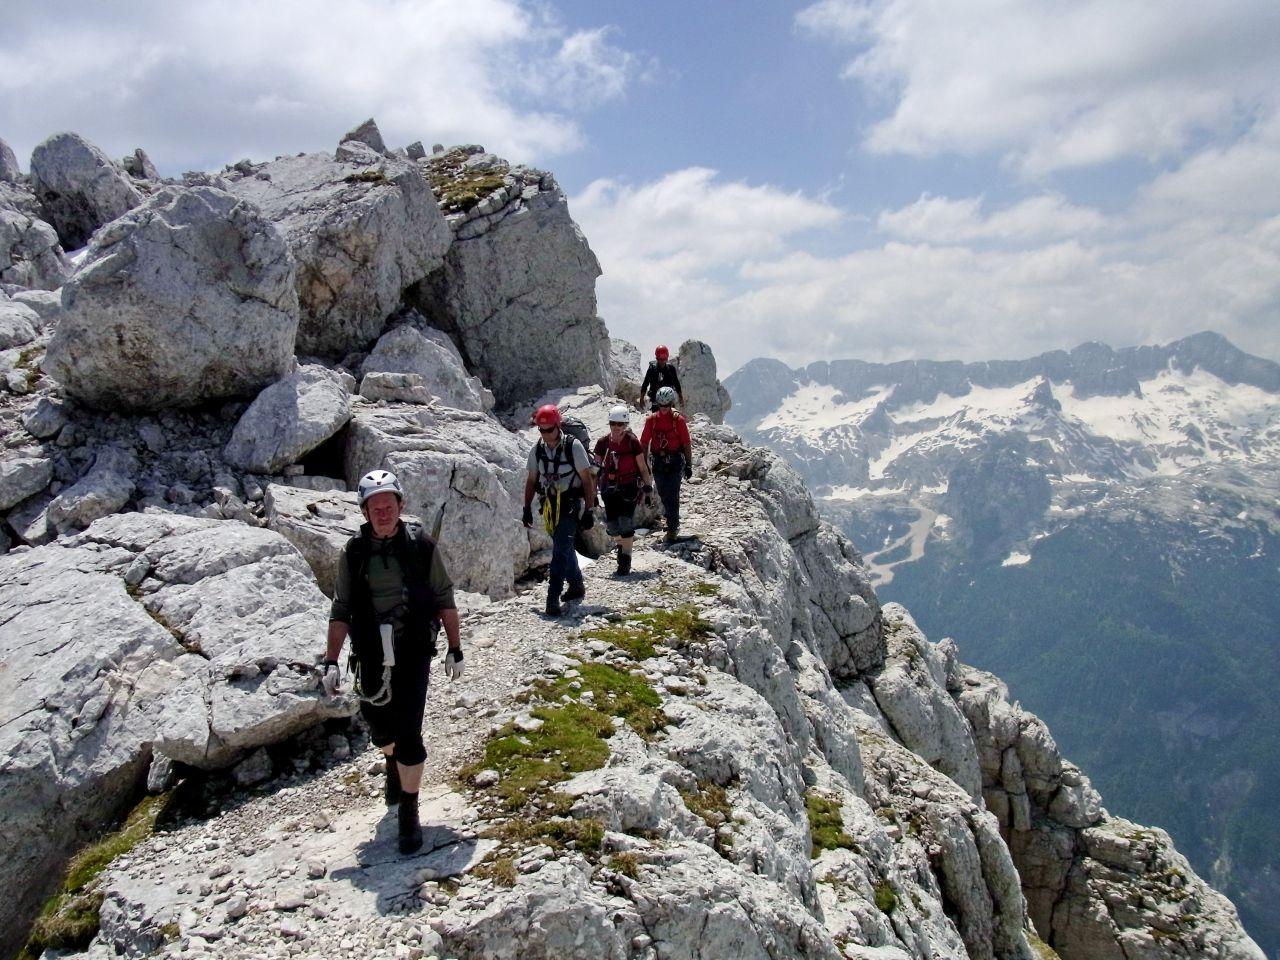 Klettersteig Julische Alpen : Klettersteige mangart in den julischen alpen km bergwelten